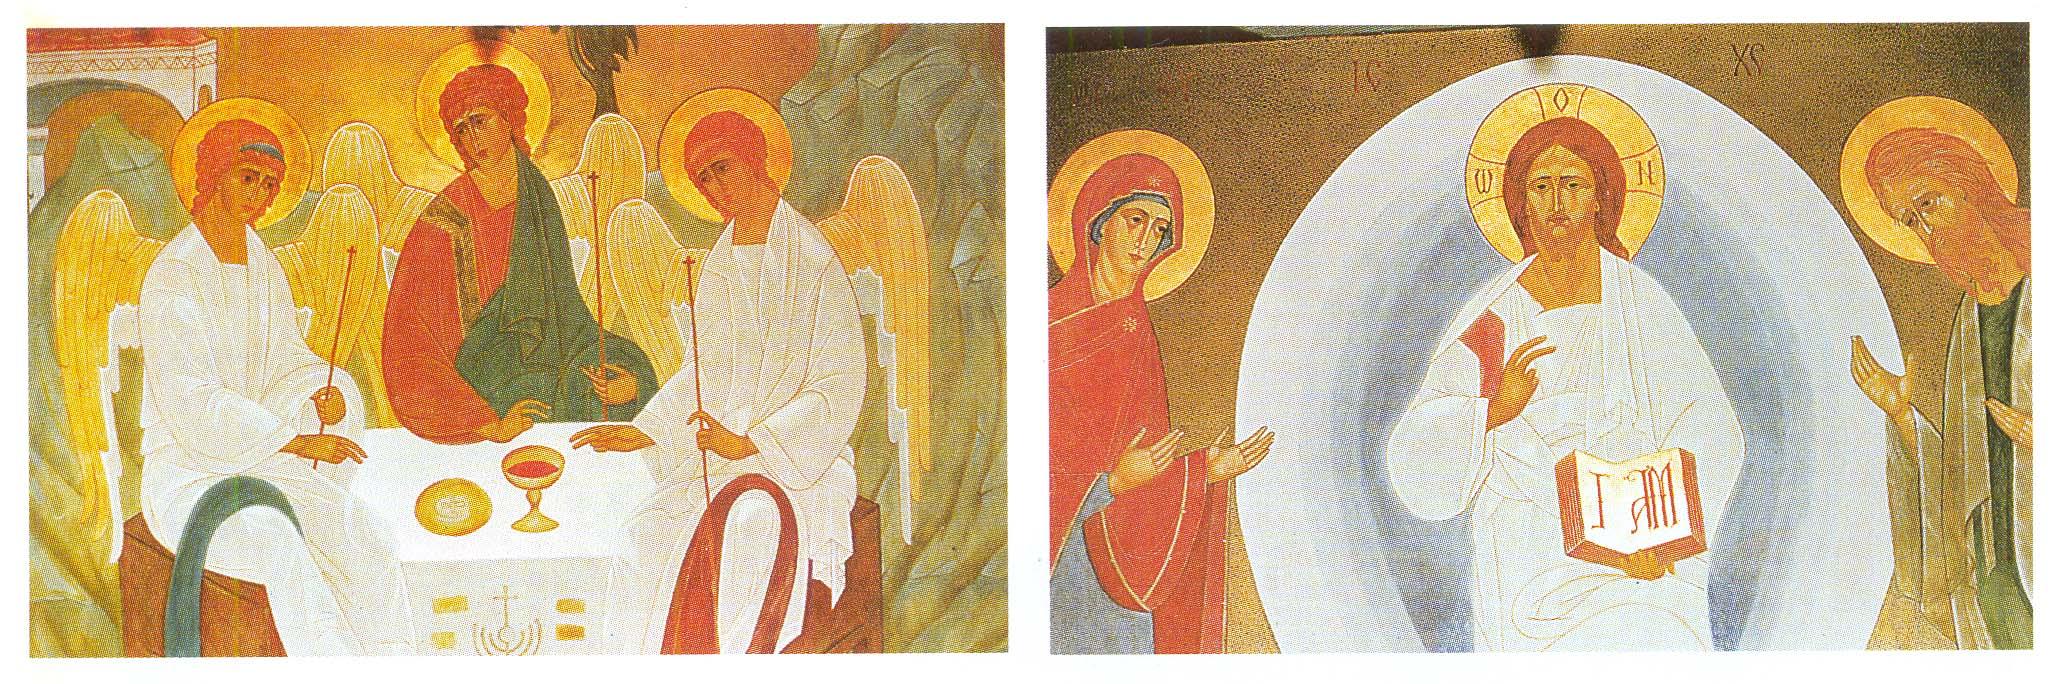 Η Αγία Τριάδα (αριστερά) και η Δέησις (δεξιά). Αγιογραφίες του Γέροντα Σωφρόνιου.